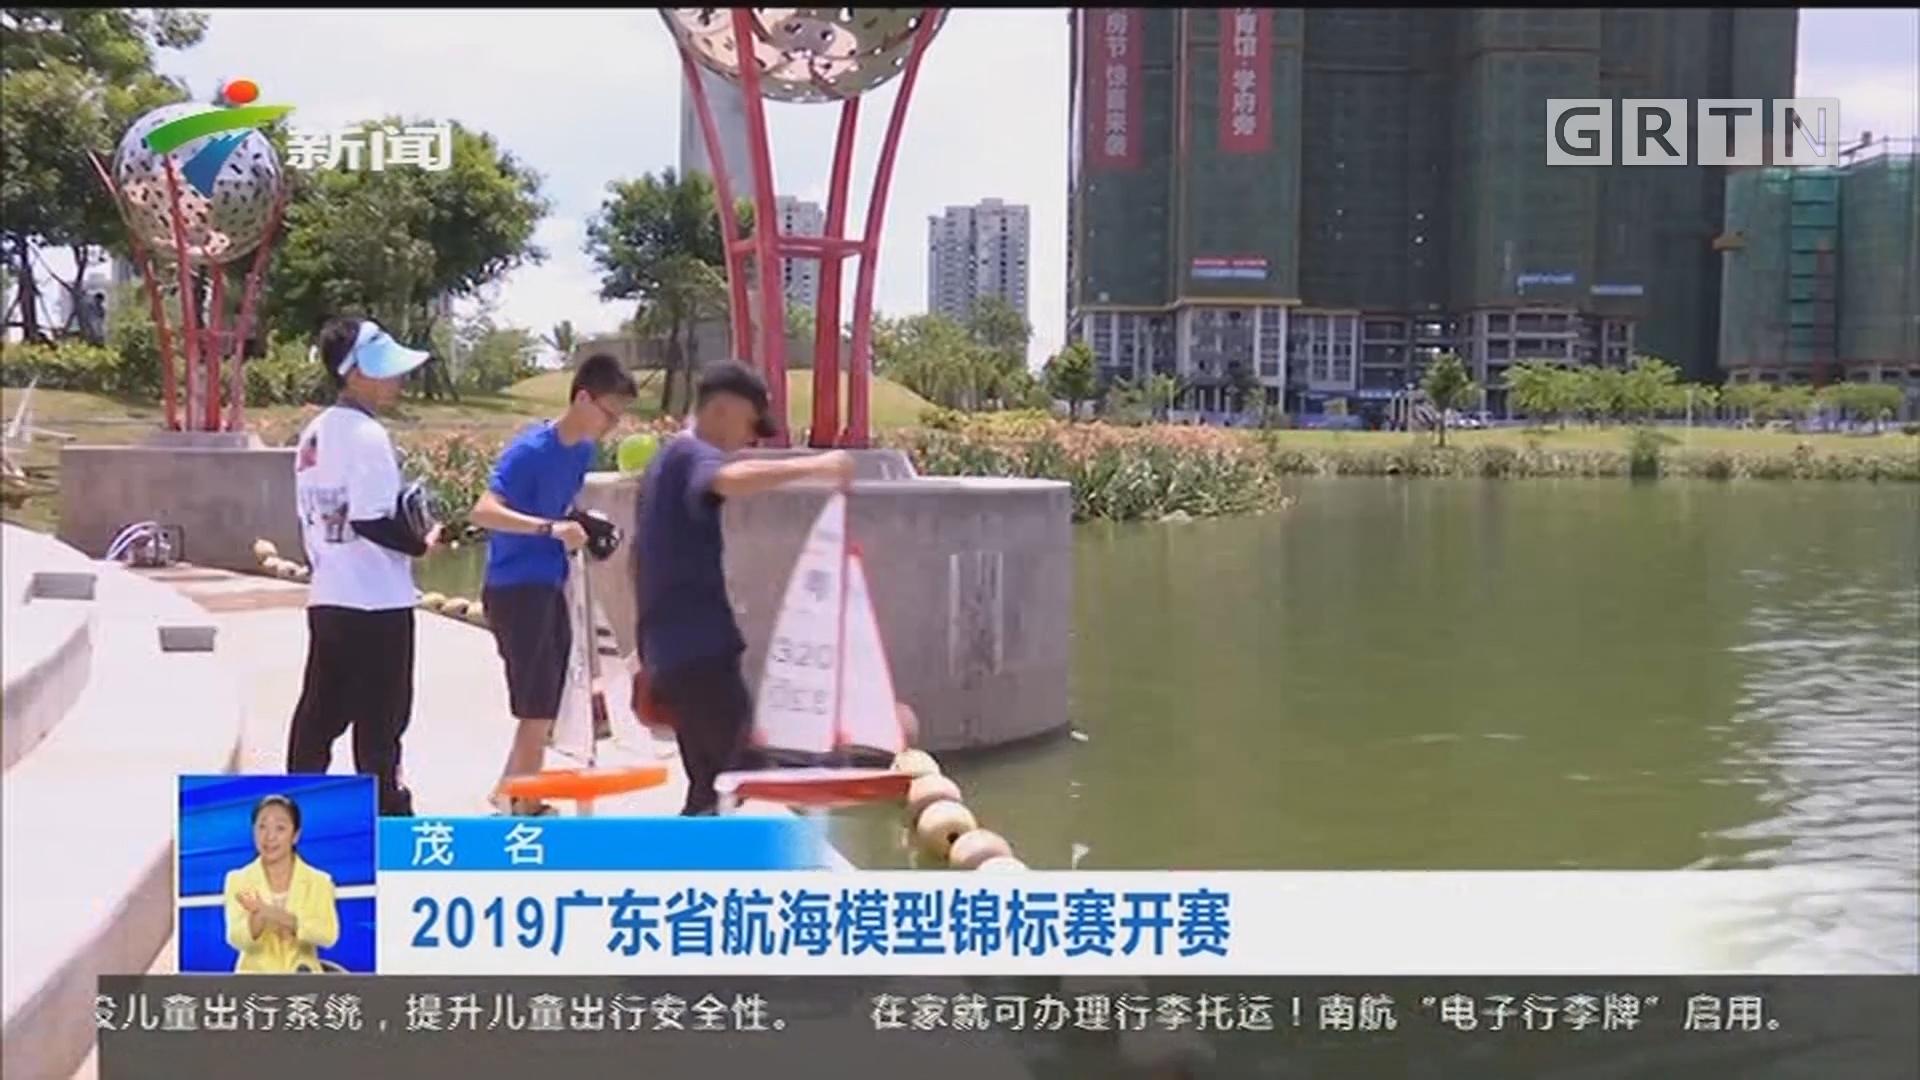 茂名:2019广东省航海模型锦标赛开赛